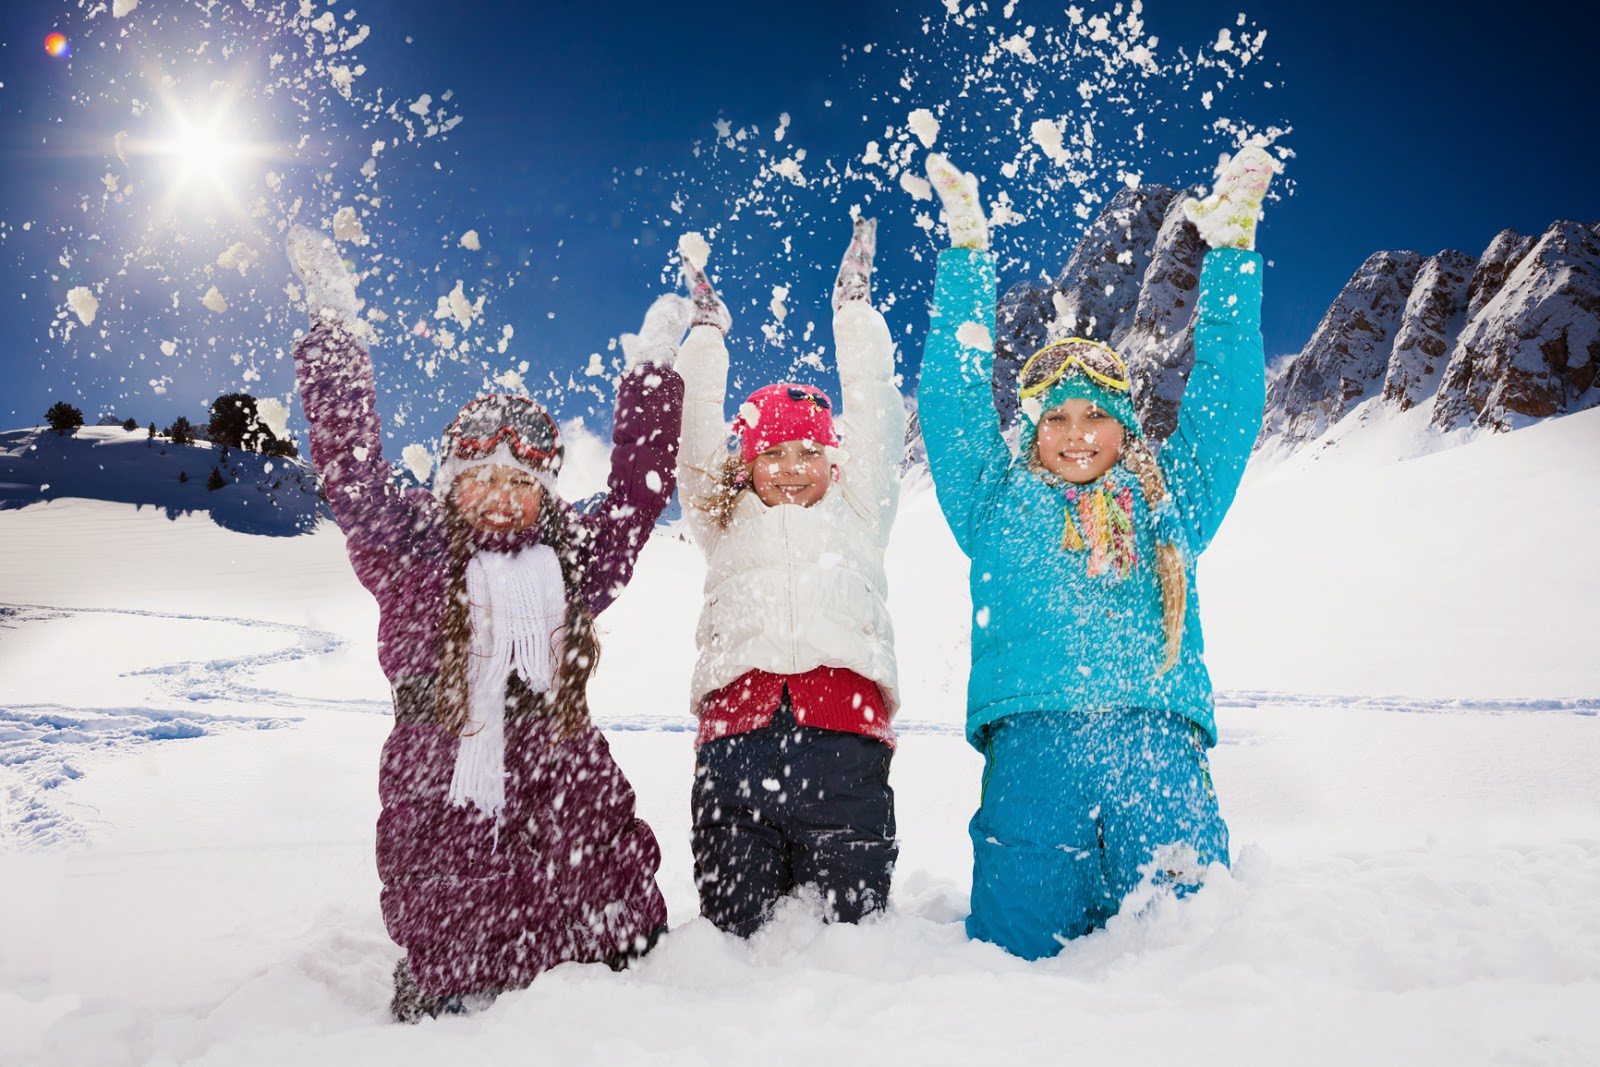 colonies de vacances blog croq 39 vacances colonie de vacances hiver 2015 des s jours ski. Black Bedroom Furniture Sets. Home Design Ideas